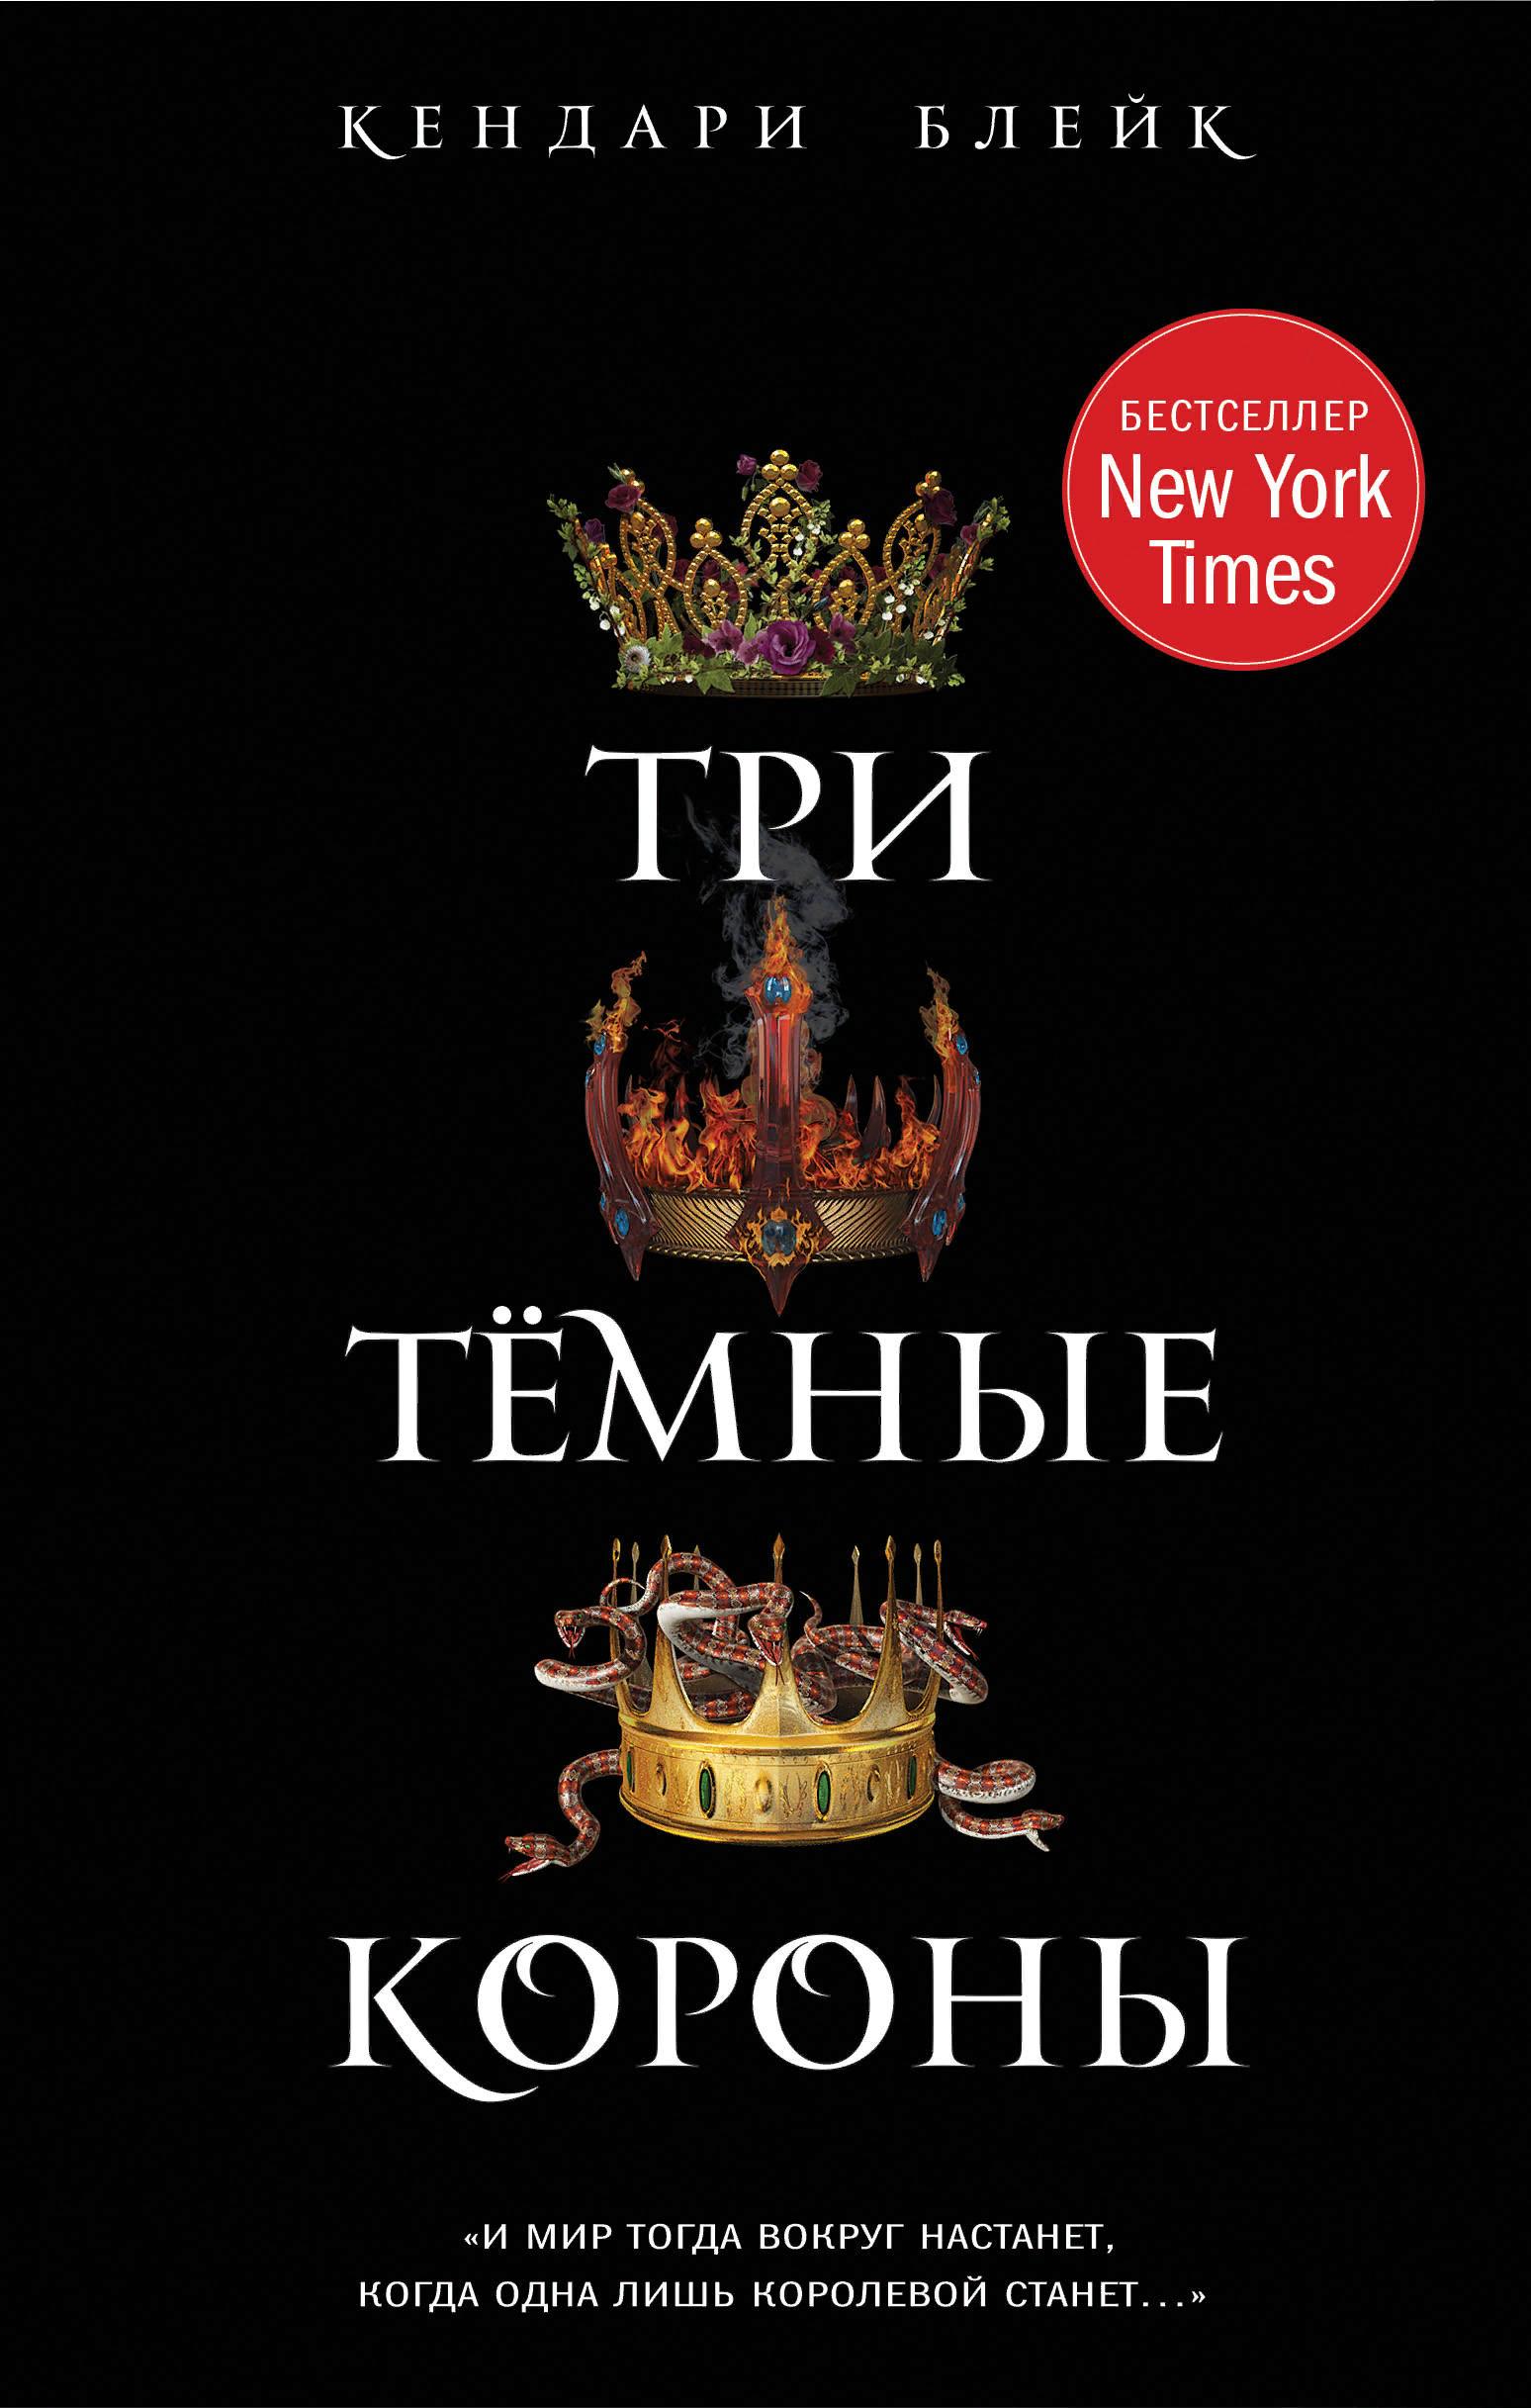 Кендари Блэйк «Три тёмные короны»